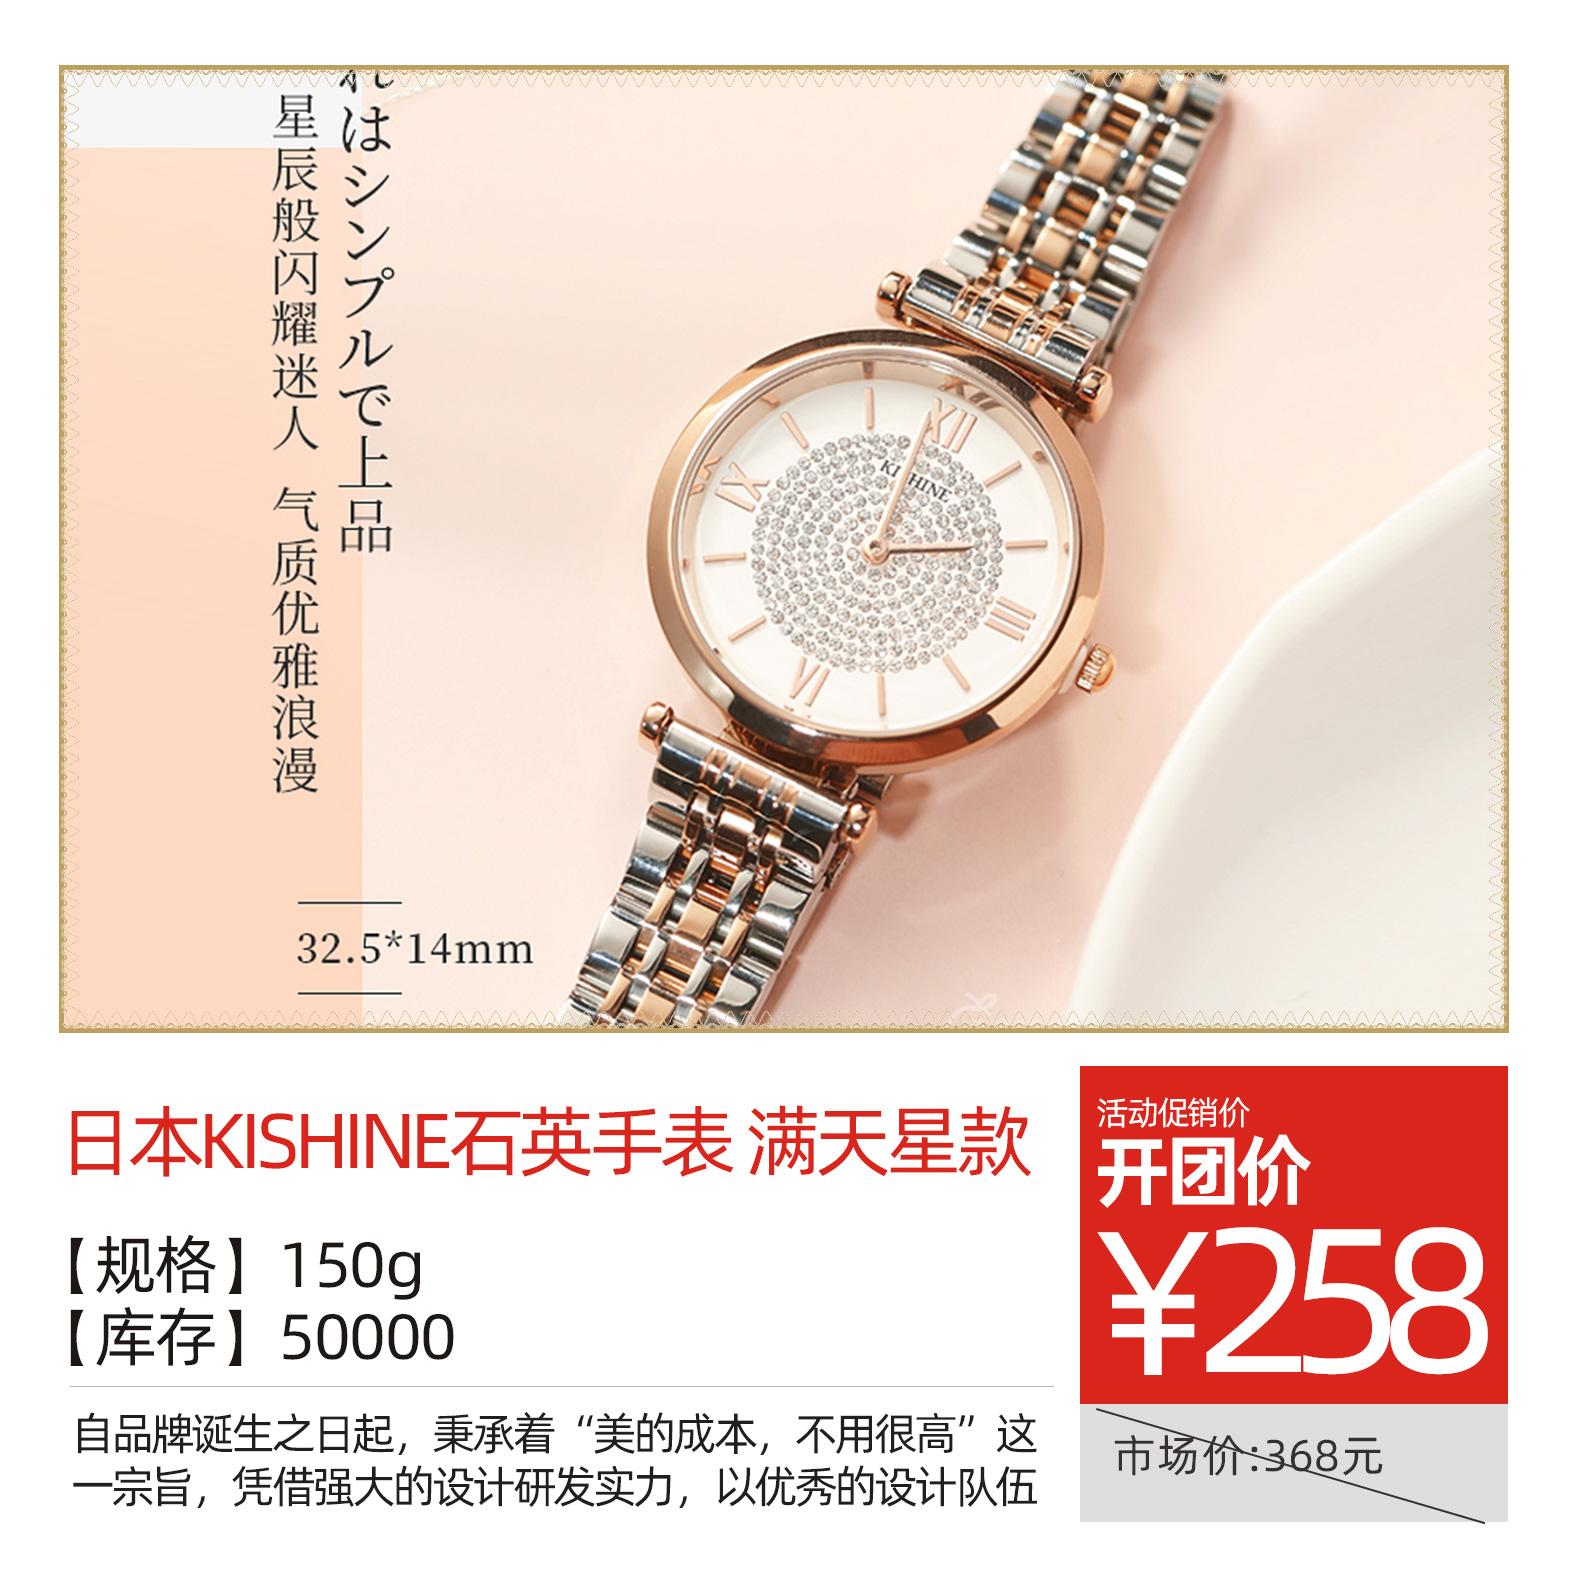 日本KISHINE石英手表 满天星款